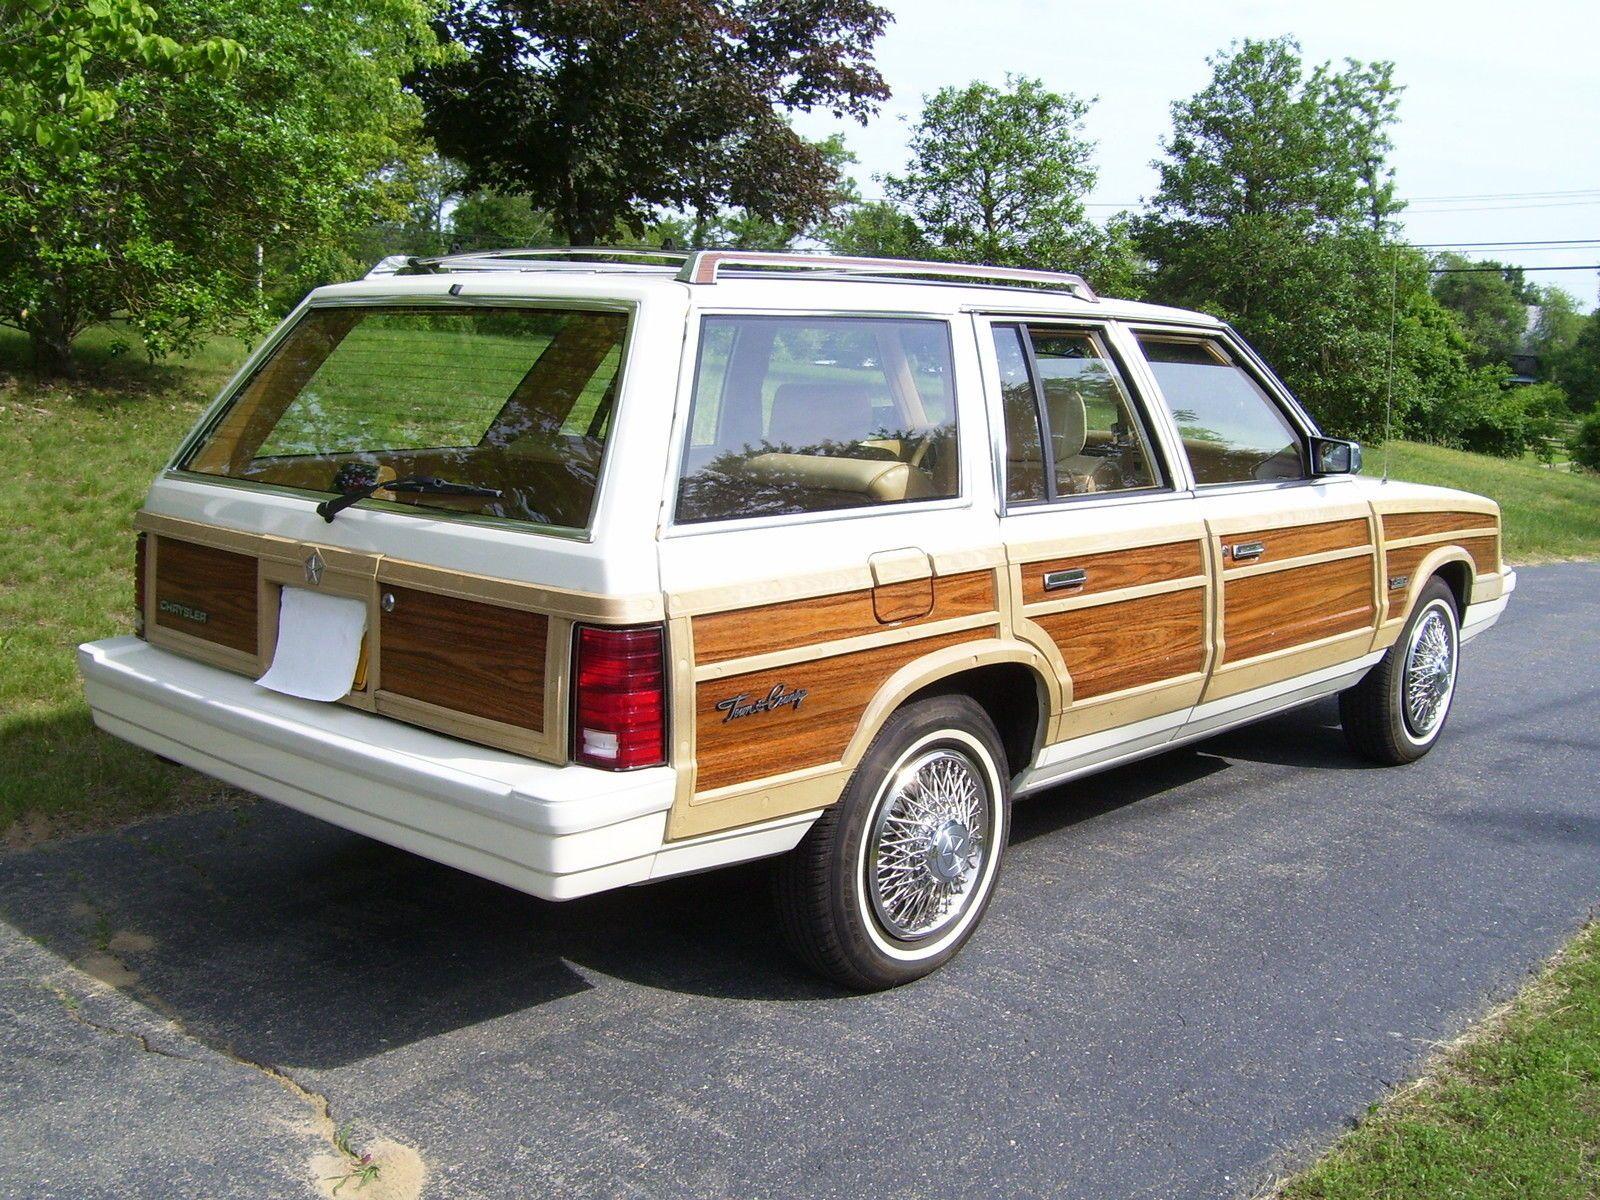 '87 Chrysler LeBaron Mark Cross Town Country